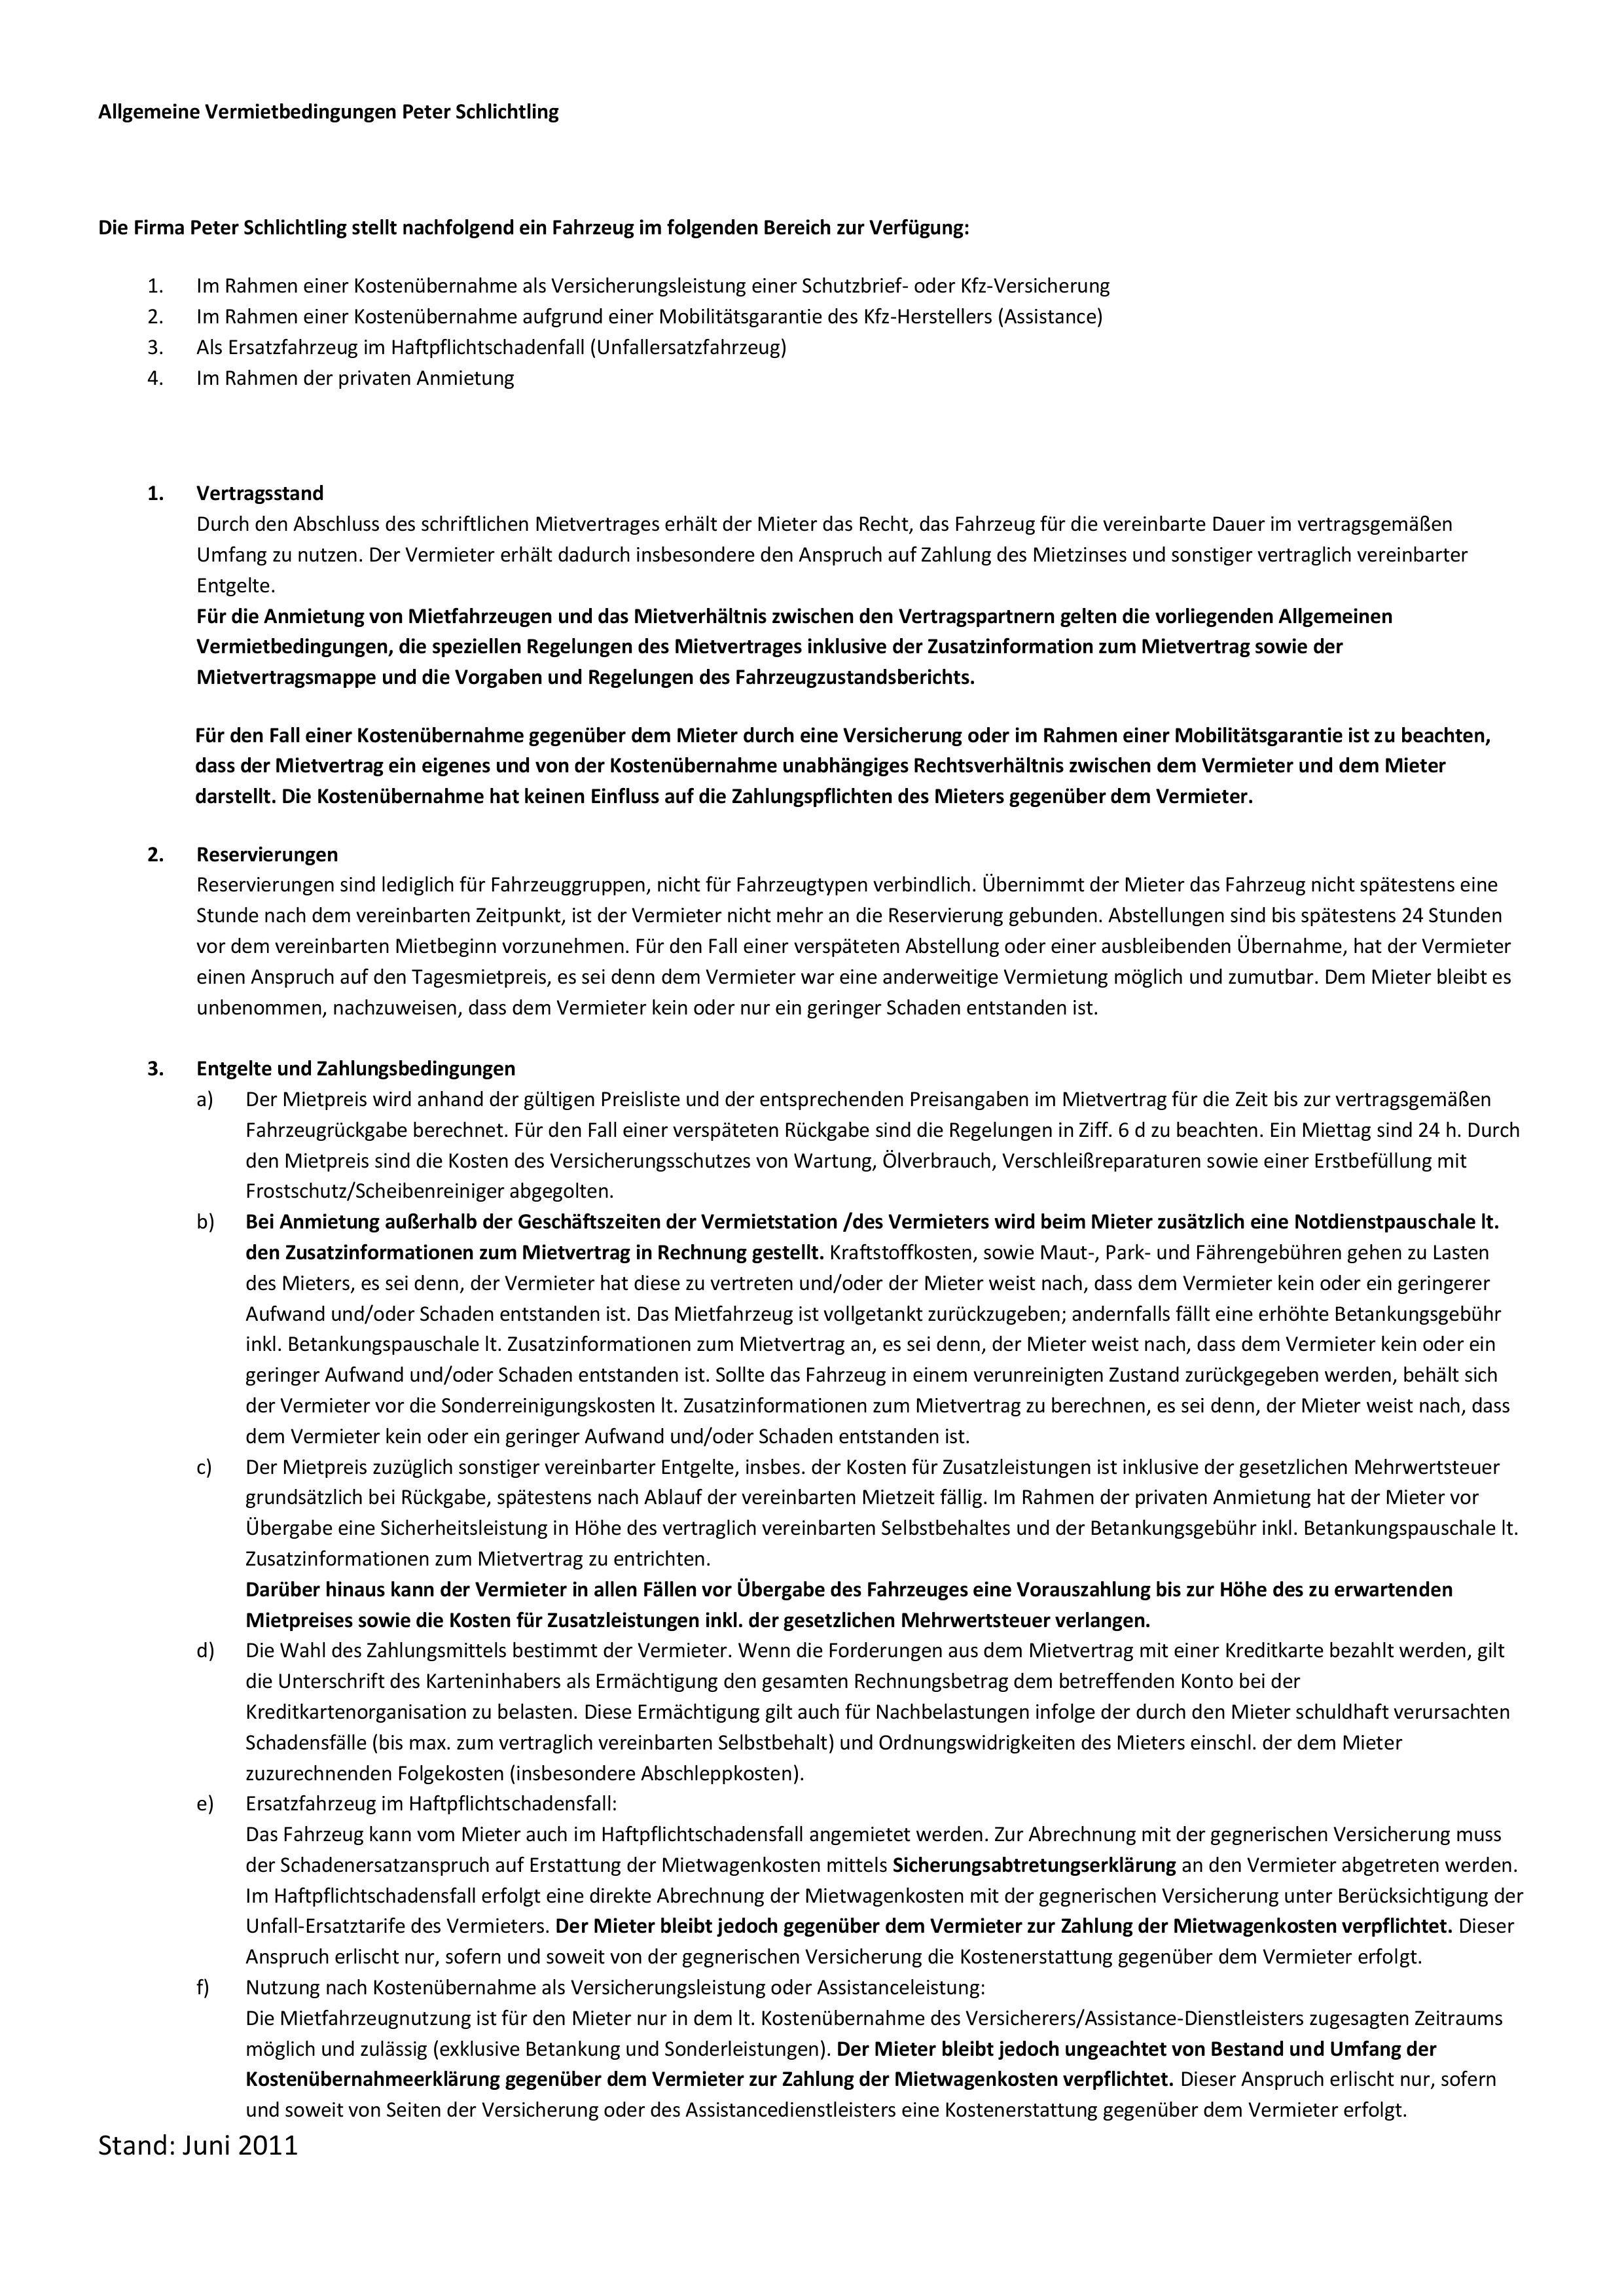 Allgemeine Vermietbedingungen - Firma Peter Schlichtling